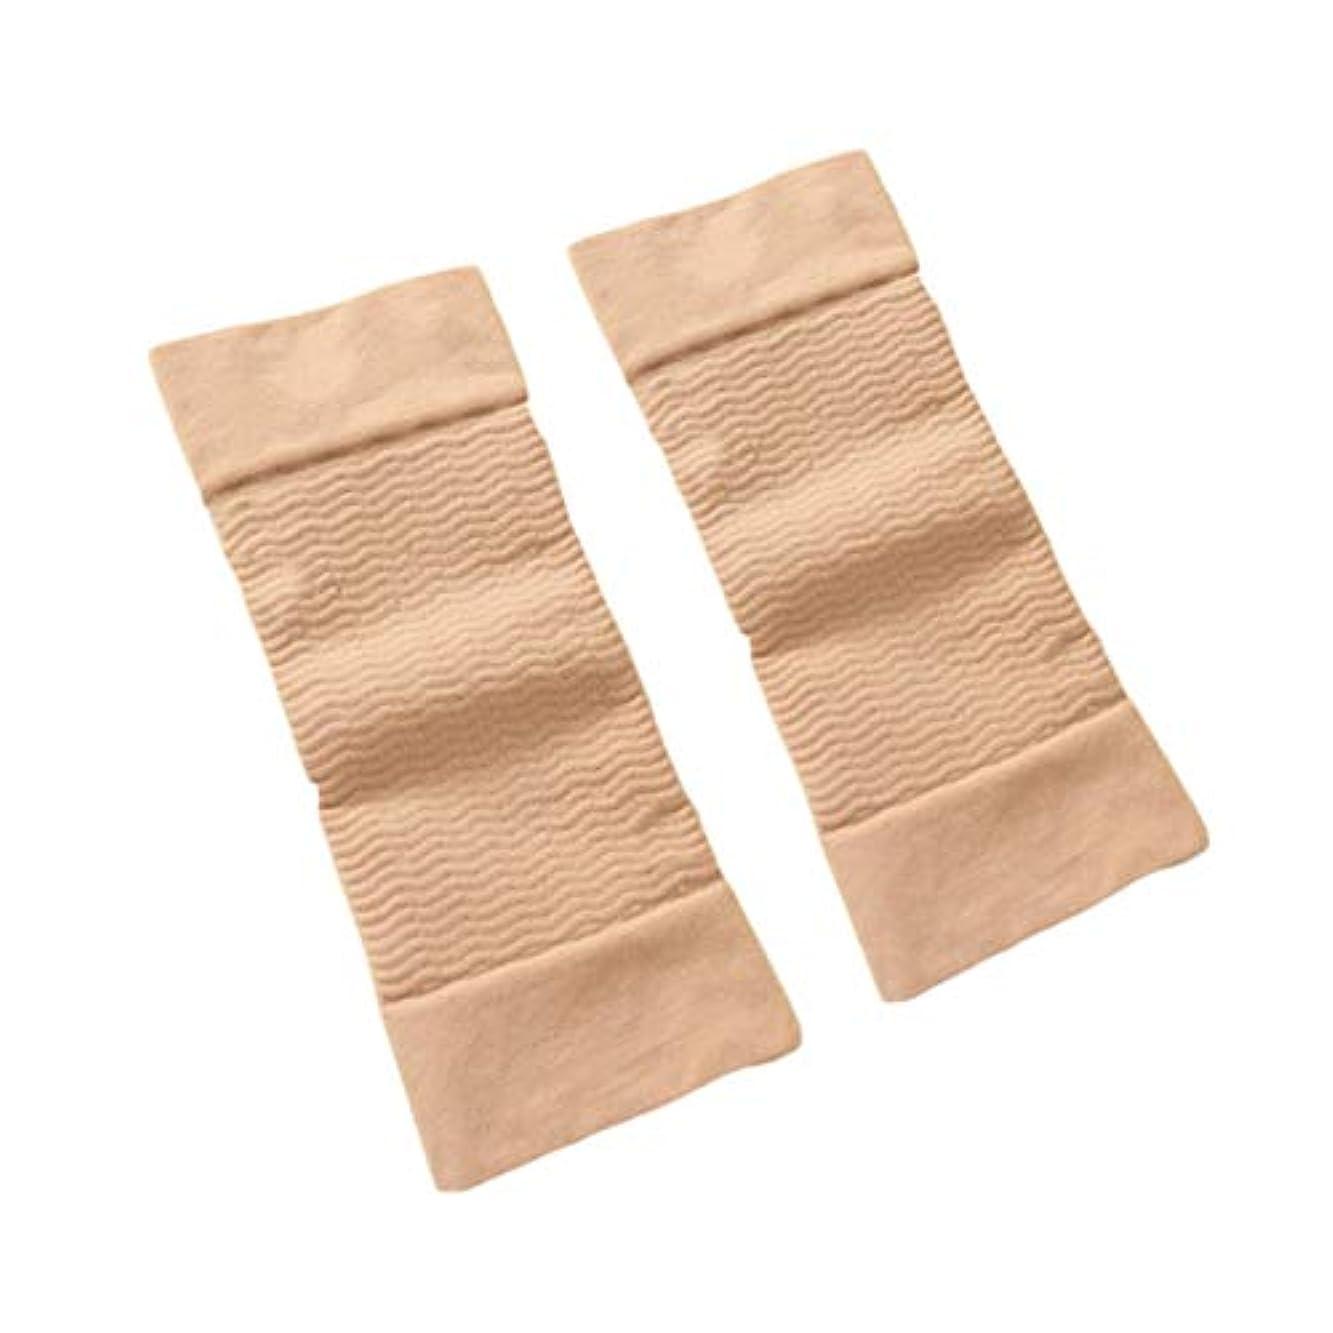 邪魔する慣れる世辞1ペア420 D圧縮痩身アームスリーブワークアウトトーニングバーンセルライトシェイパー脂肪燃焼袖用女性 - 肌色